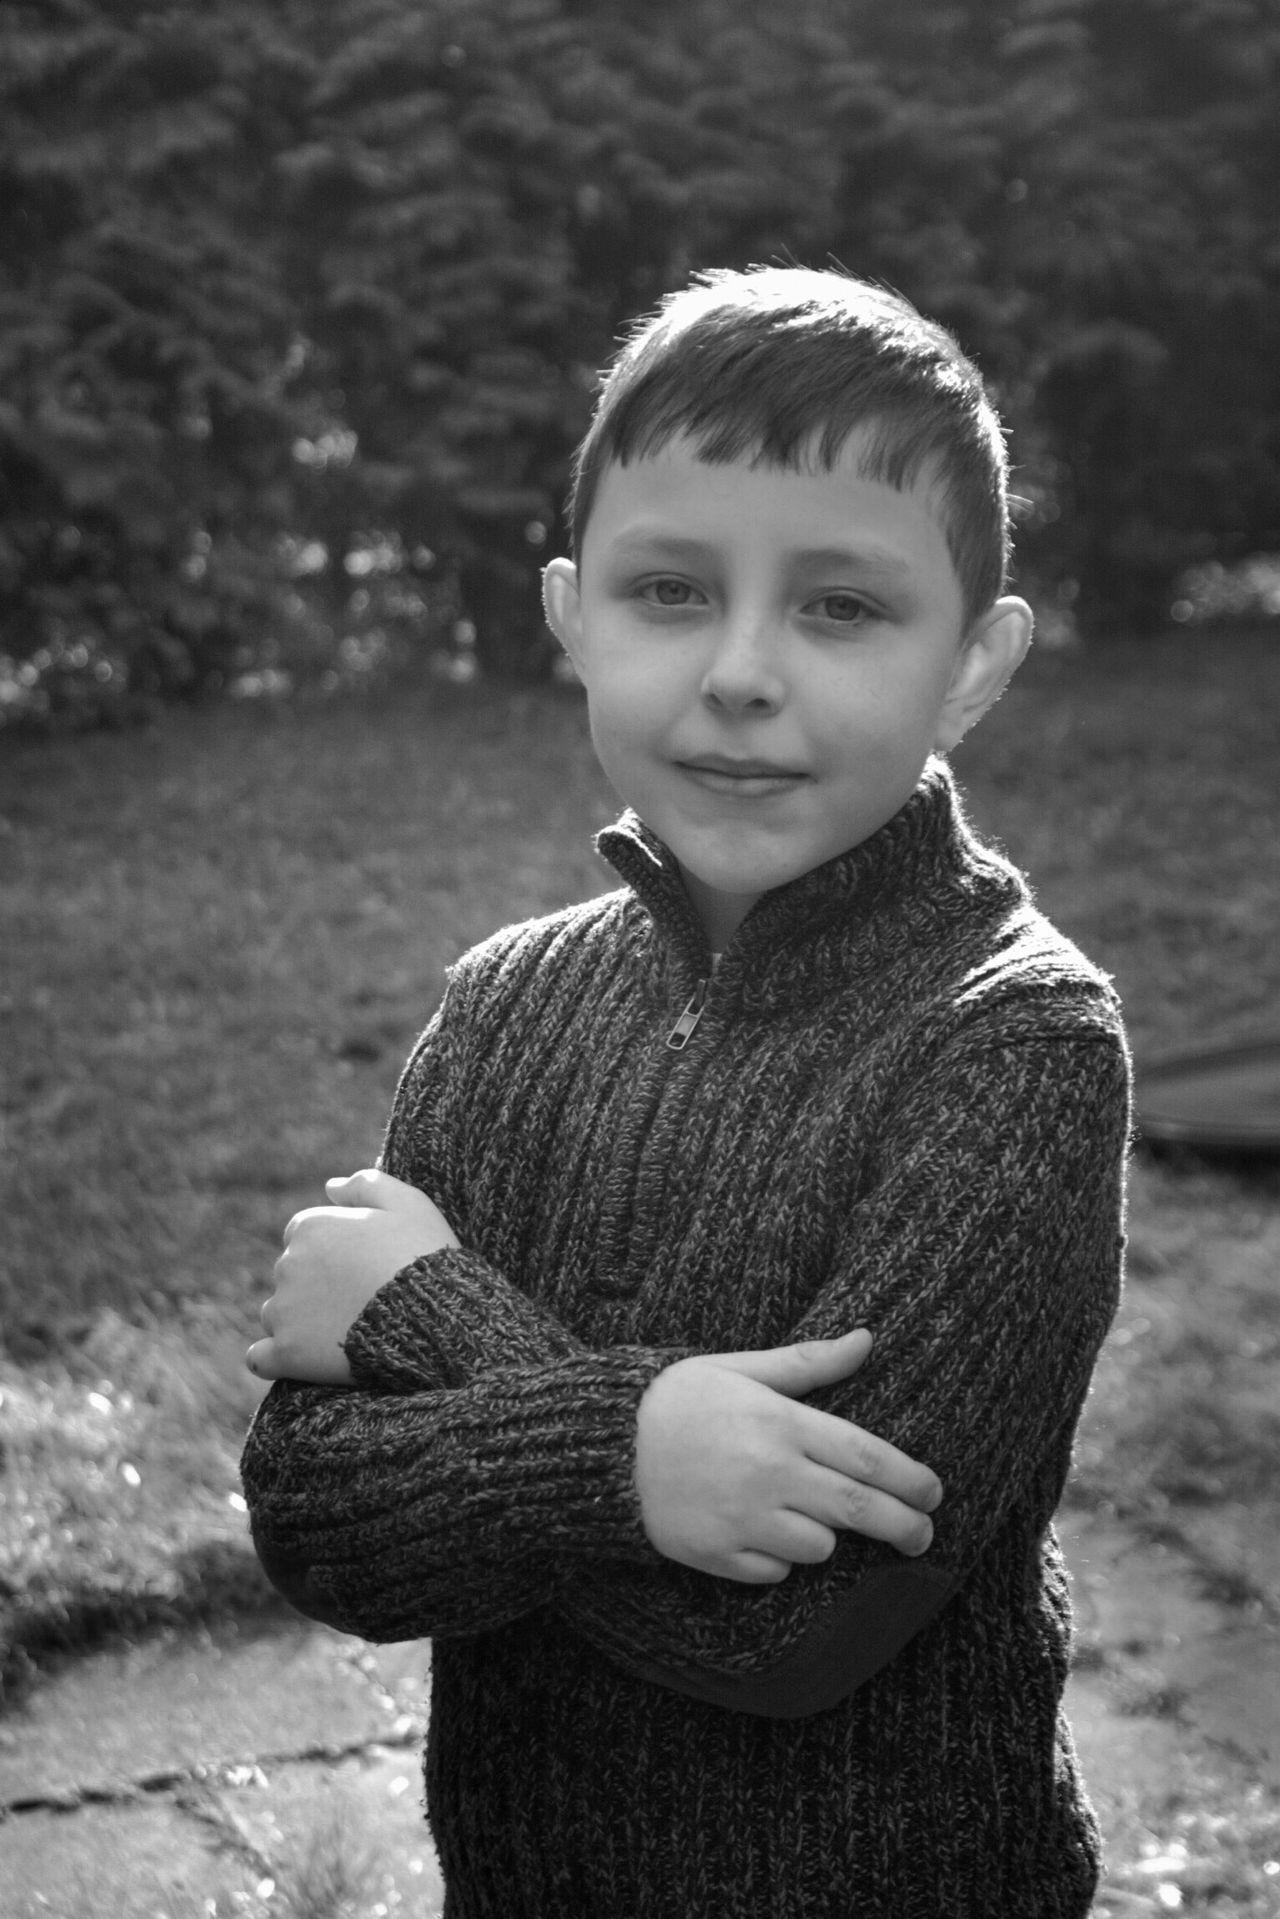 ребенок Boy Kids Kid Child Children Children Photography Childrenphoto Children's Portraits Junge Kinder Kind мальчик